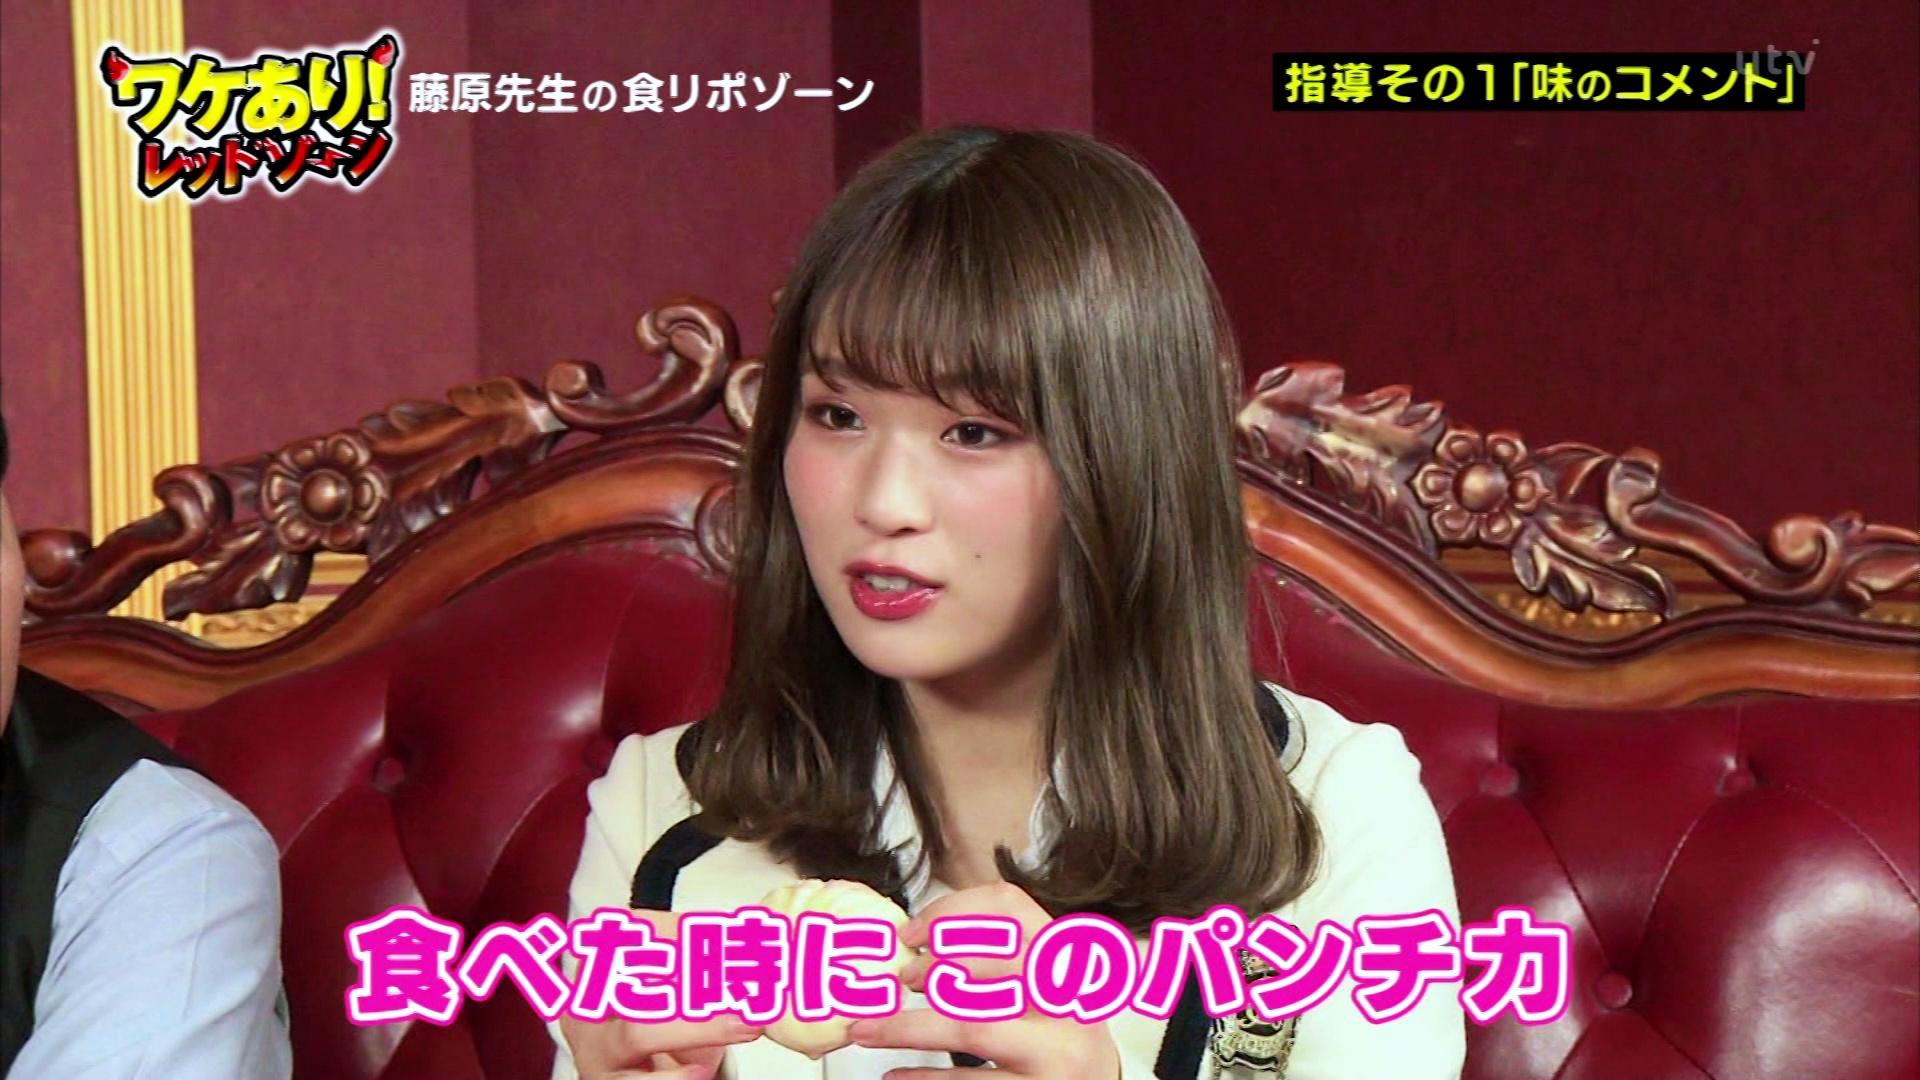 【渋谷凪咲】なぎさ出演、3/30「ワケあり!レッドゾーン」の画像。藤原先生の食リポのノウハウを伝授